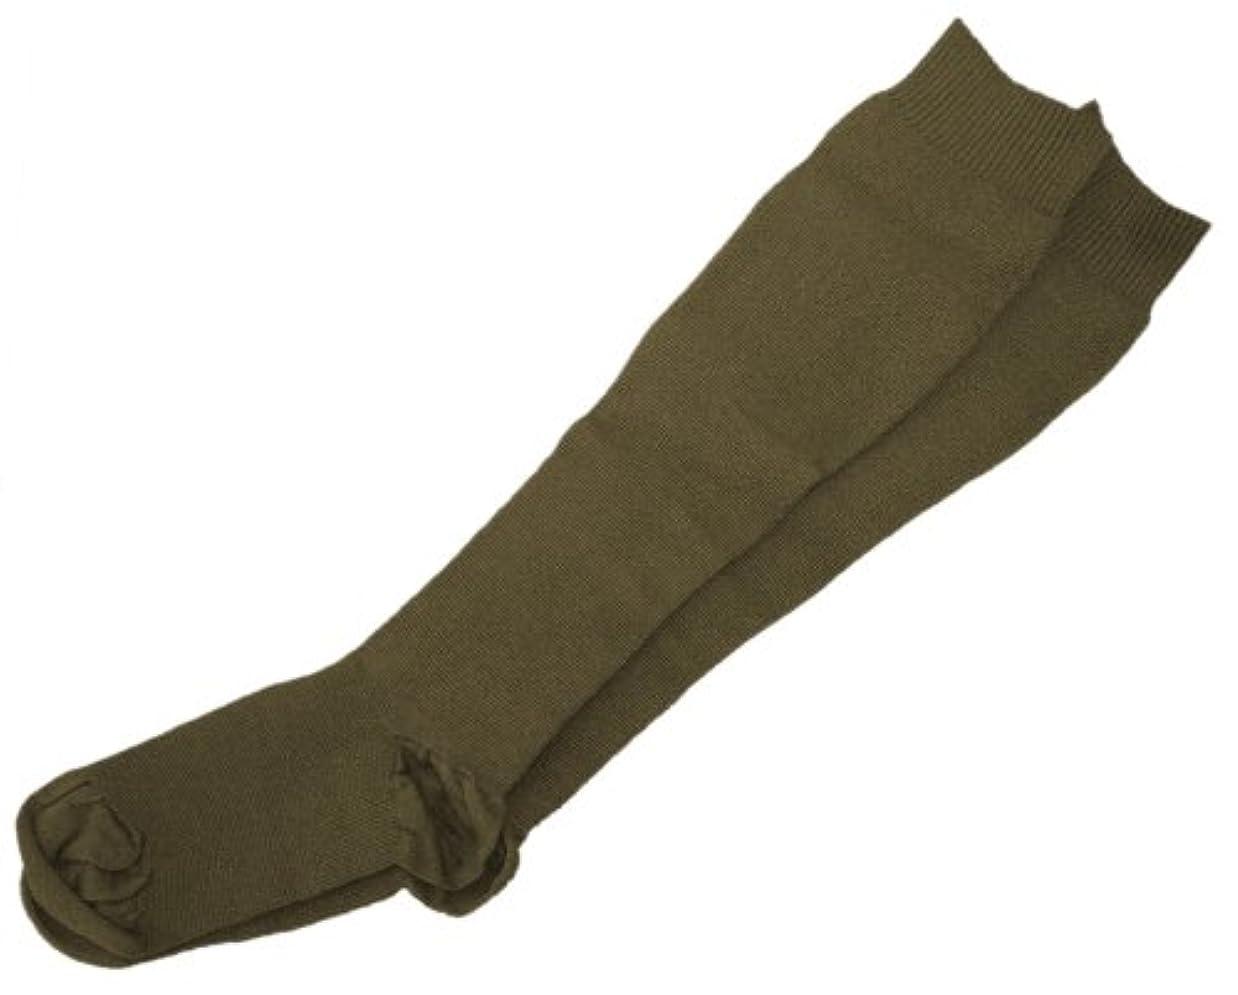 シャックル海責めギロファ スタンダードソックス ブラウン Mサイズ(24.0~25.5cm)